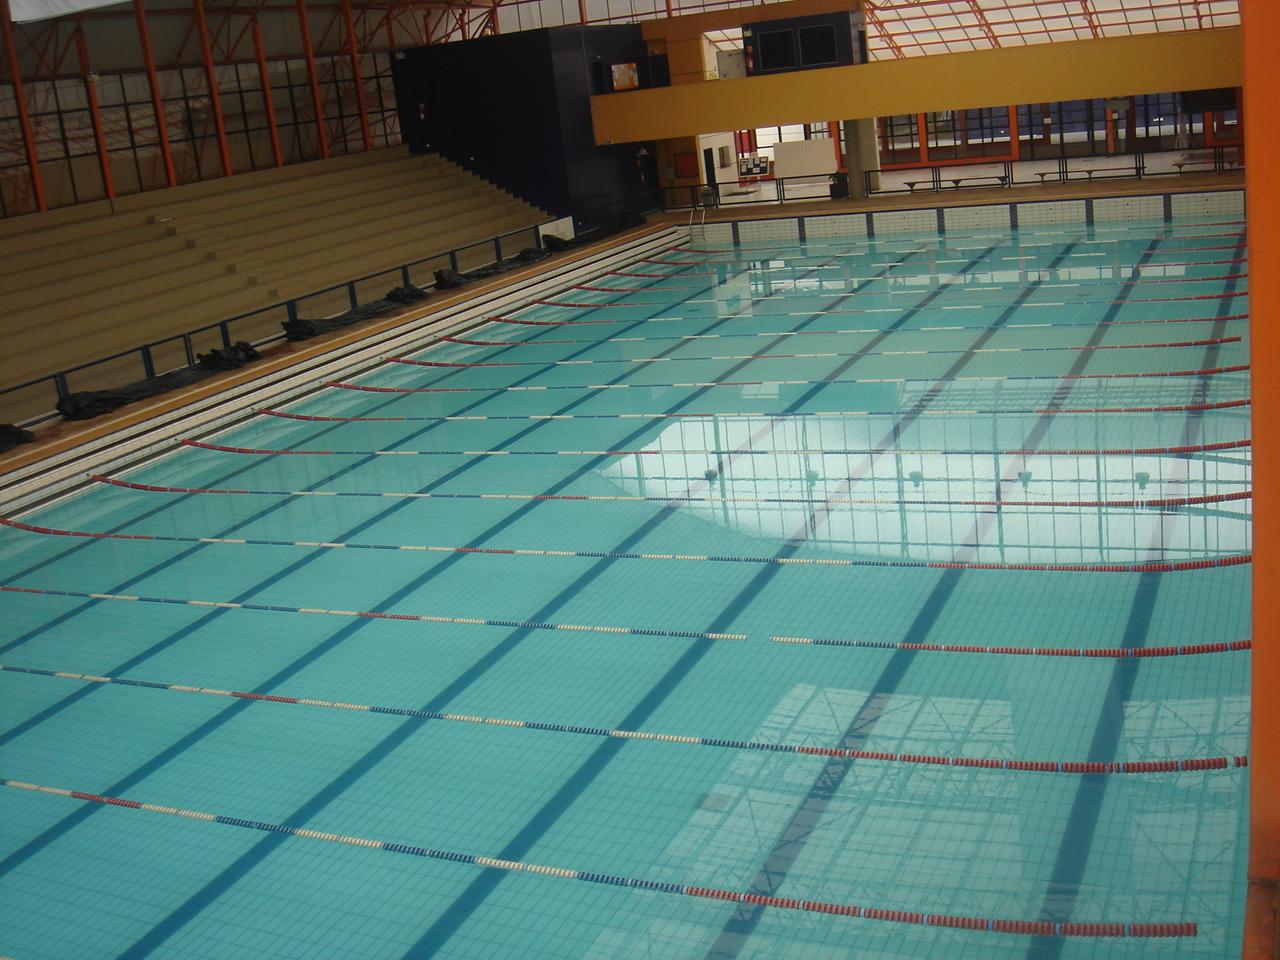 Constru o de piscina ol mpica vai gerar empregos em for Piscina olimpica medidas